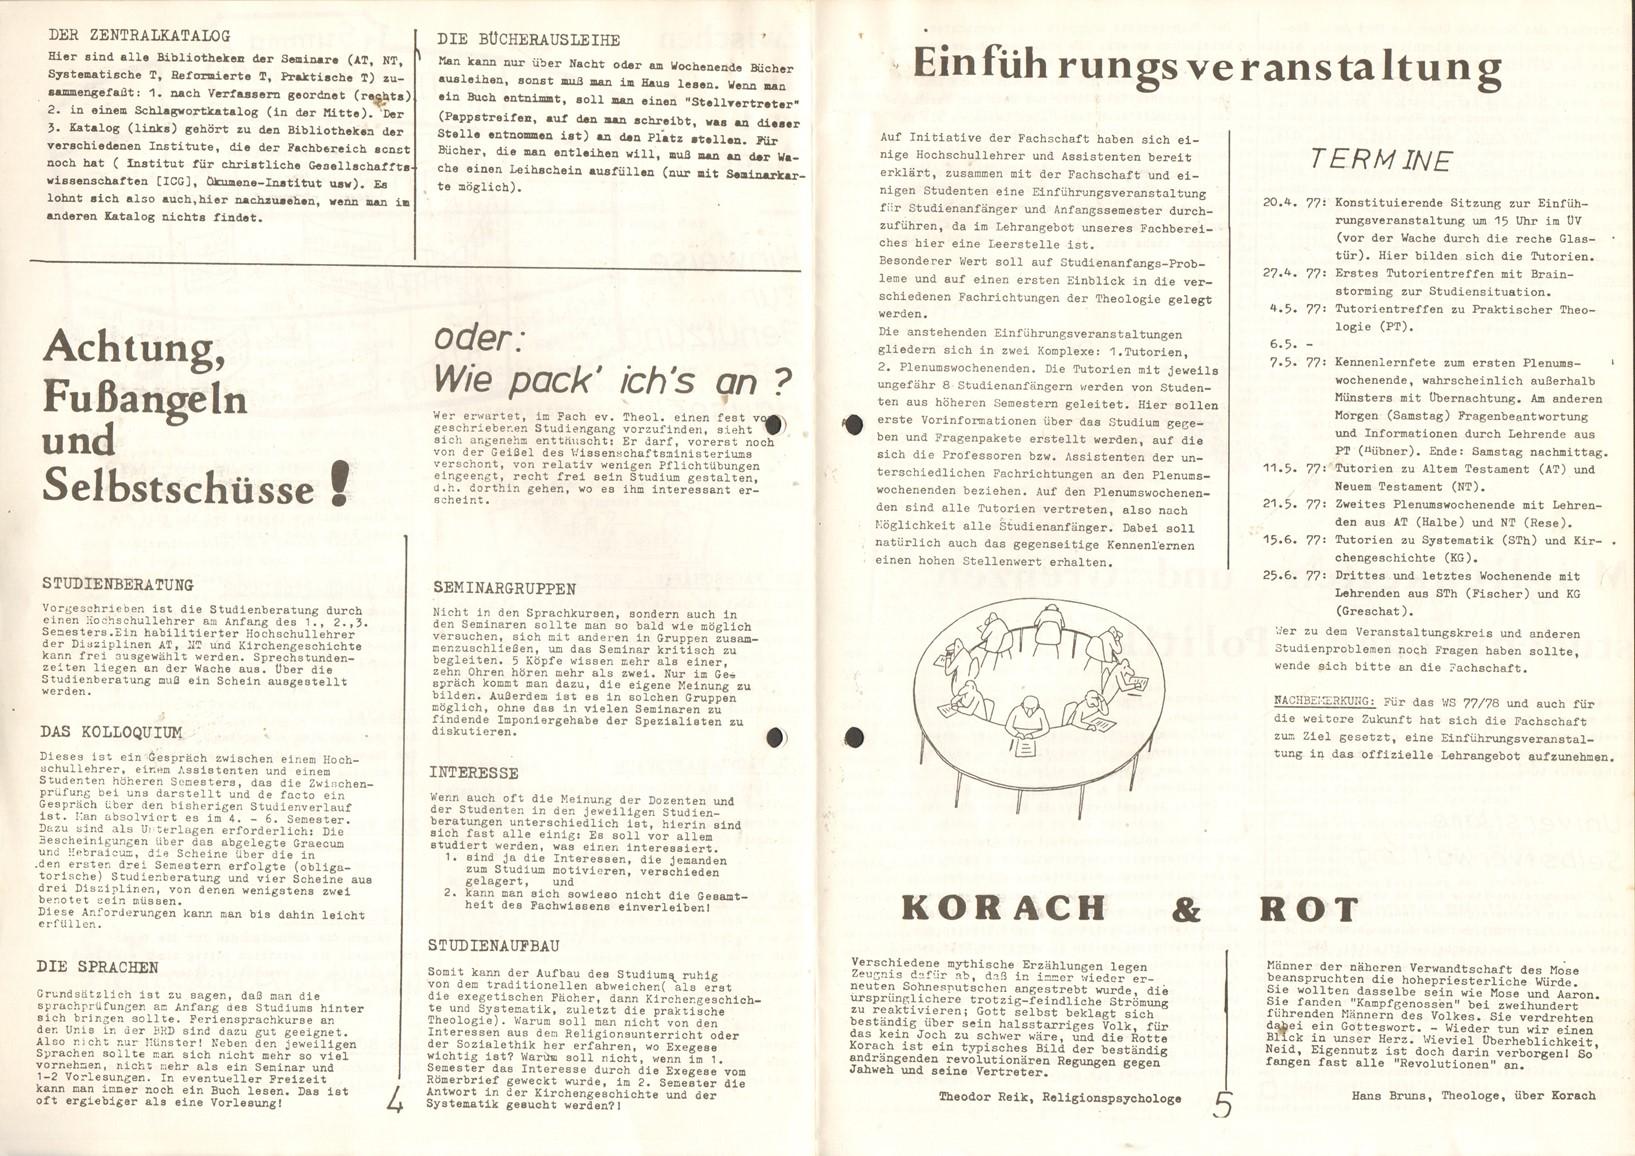 Muenster_Roter_Korach_19770300_03